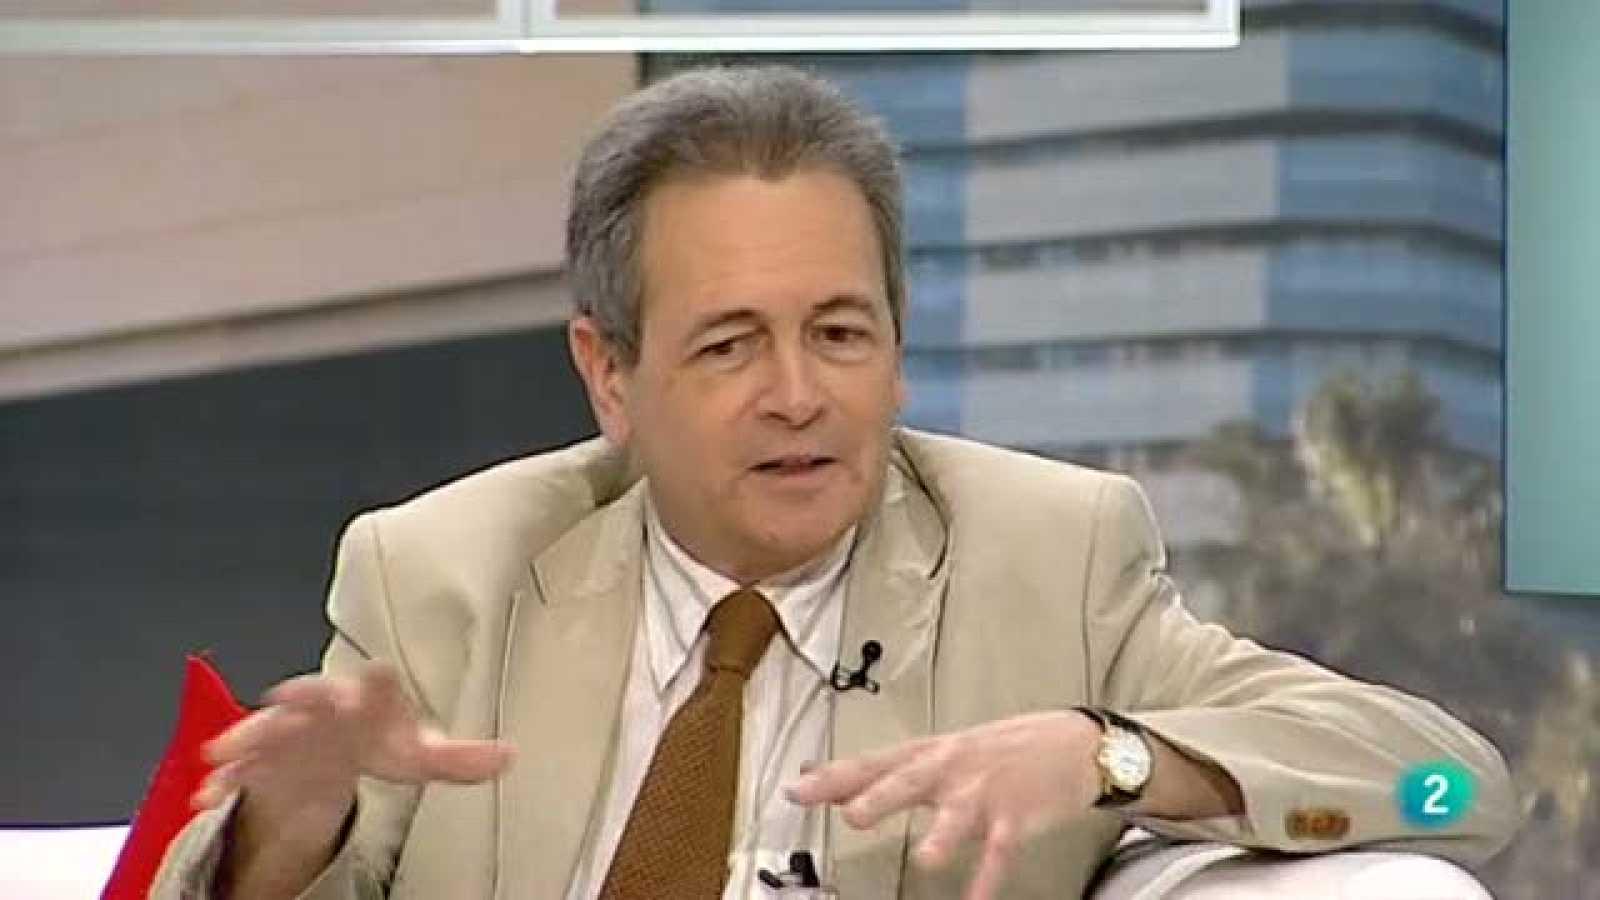 Para todos La 2 -José Luis Pardo